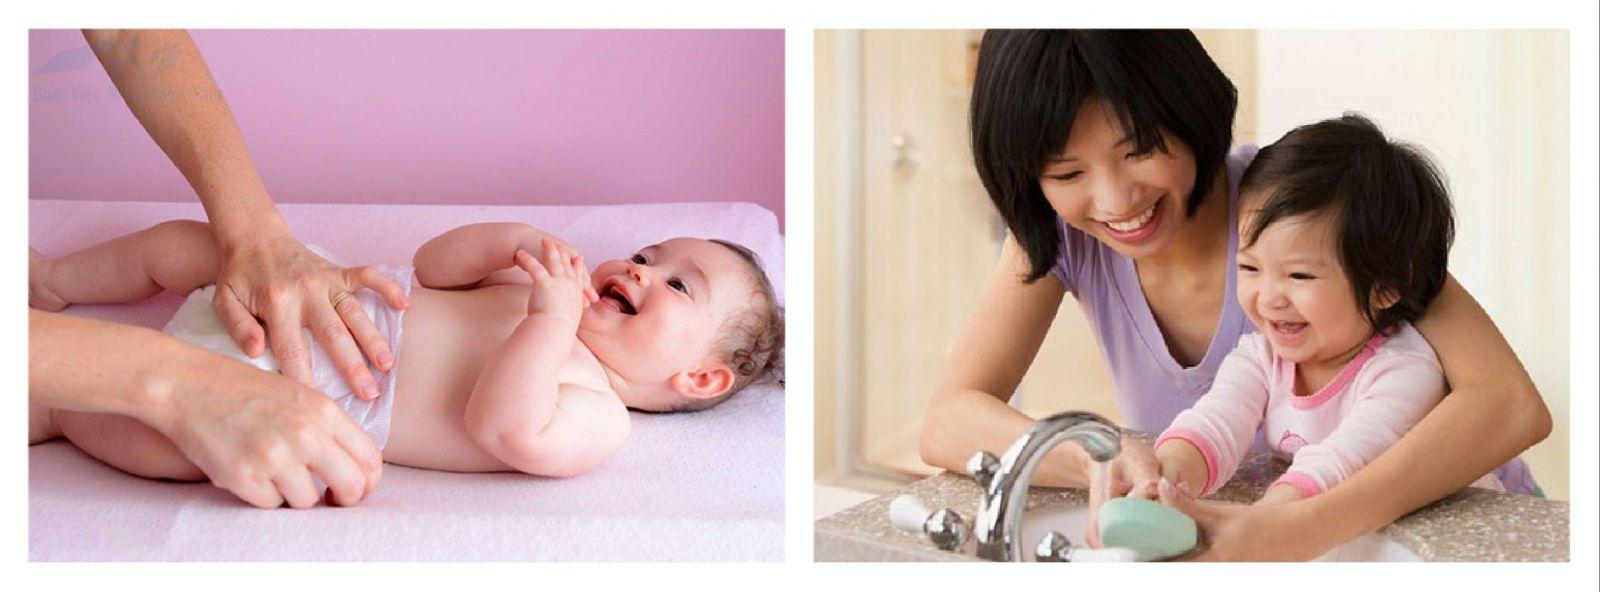 Dịch vụ giúp việc giữ trẻ tại huyện Bình Chánh